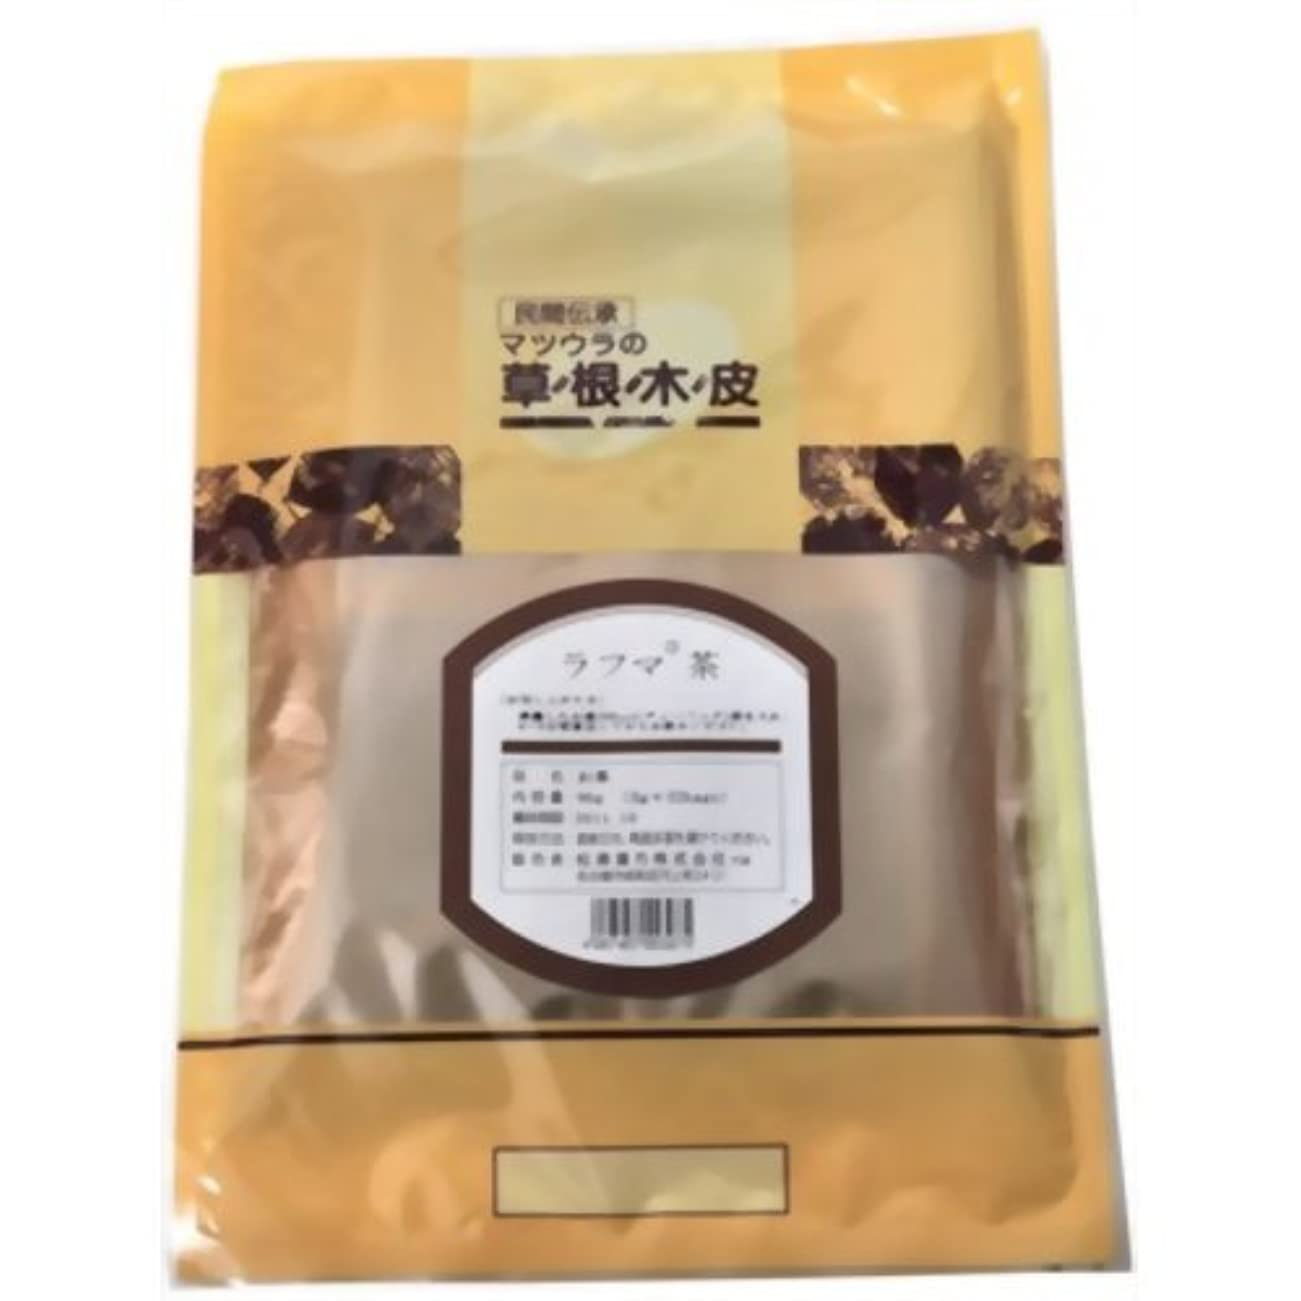 蒸し器リフレッシュみすぼらしいラフマ茶 3gx32袋